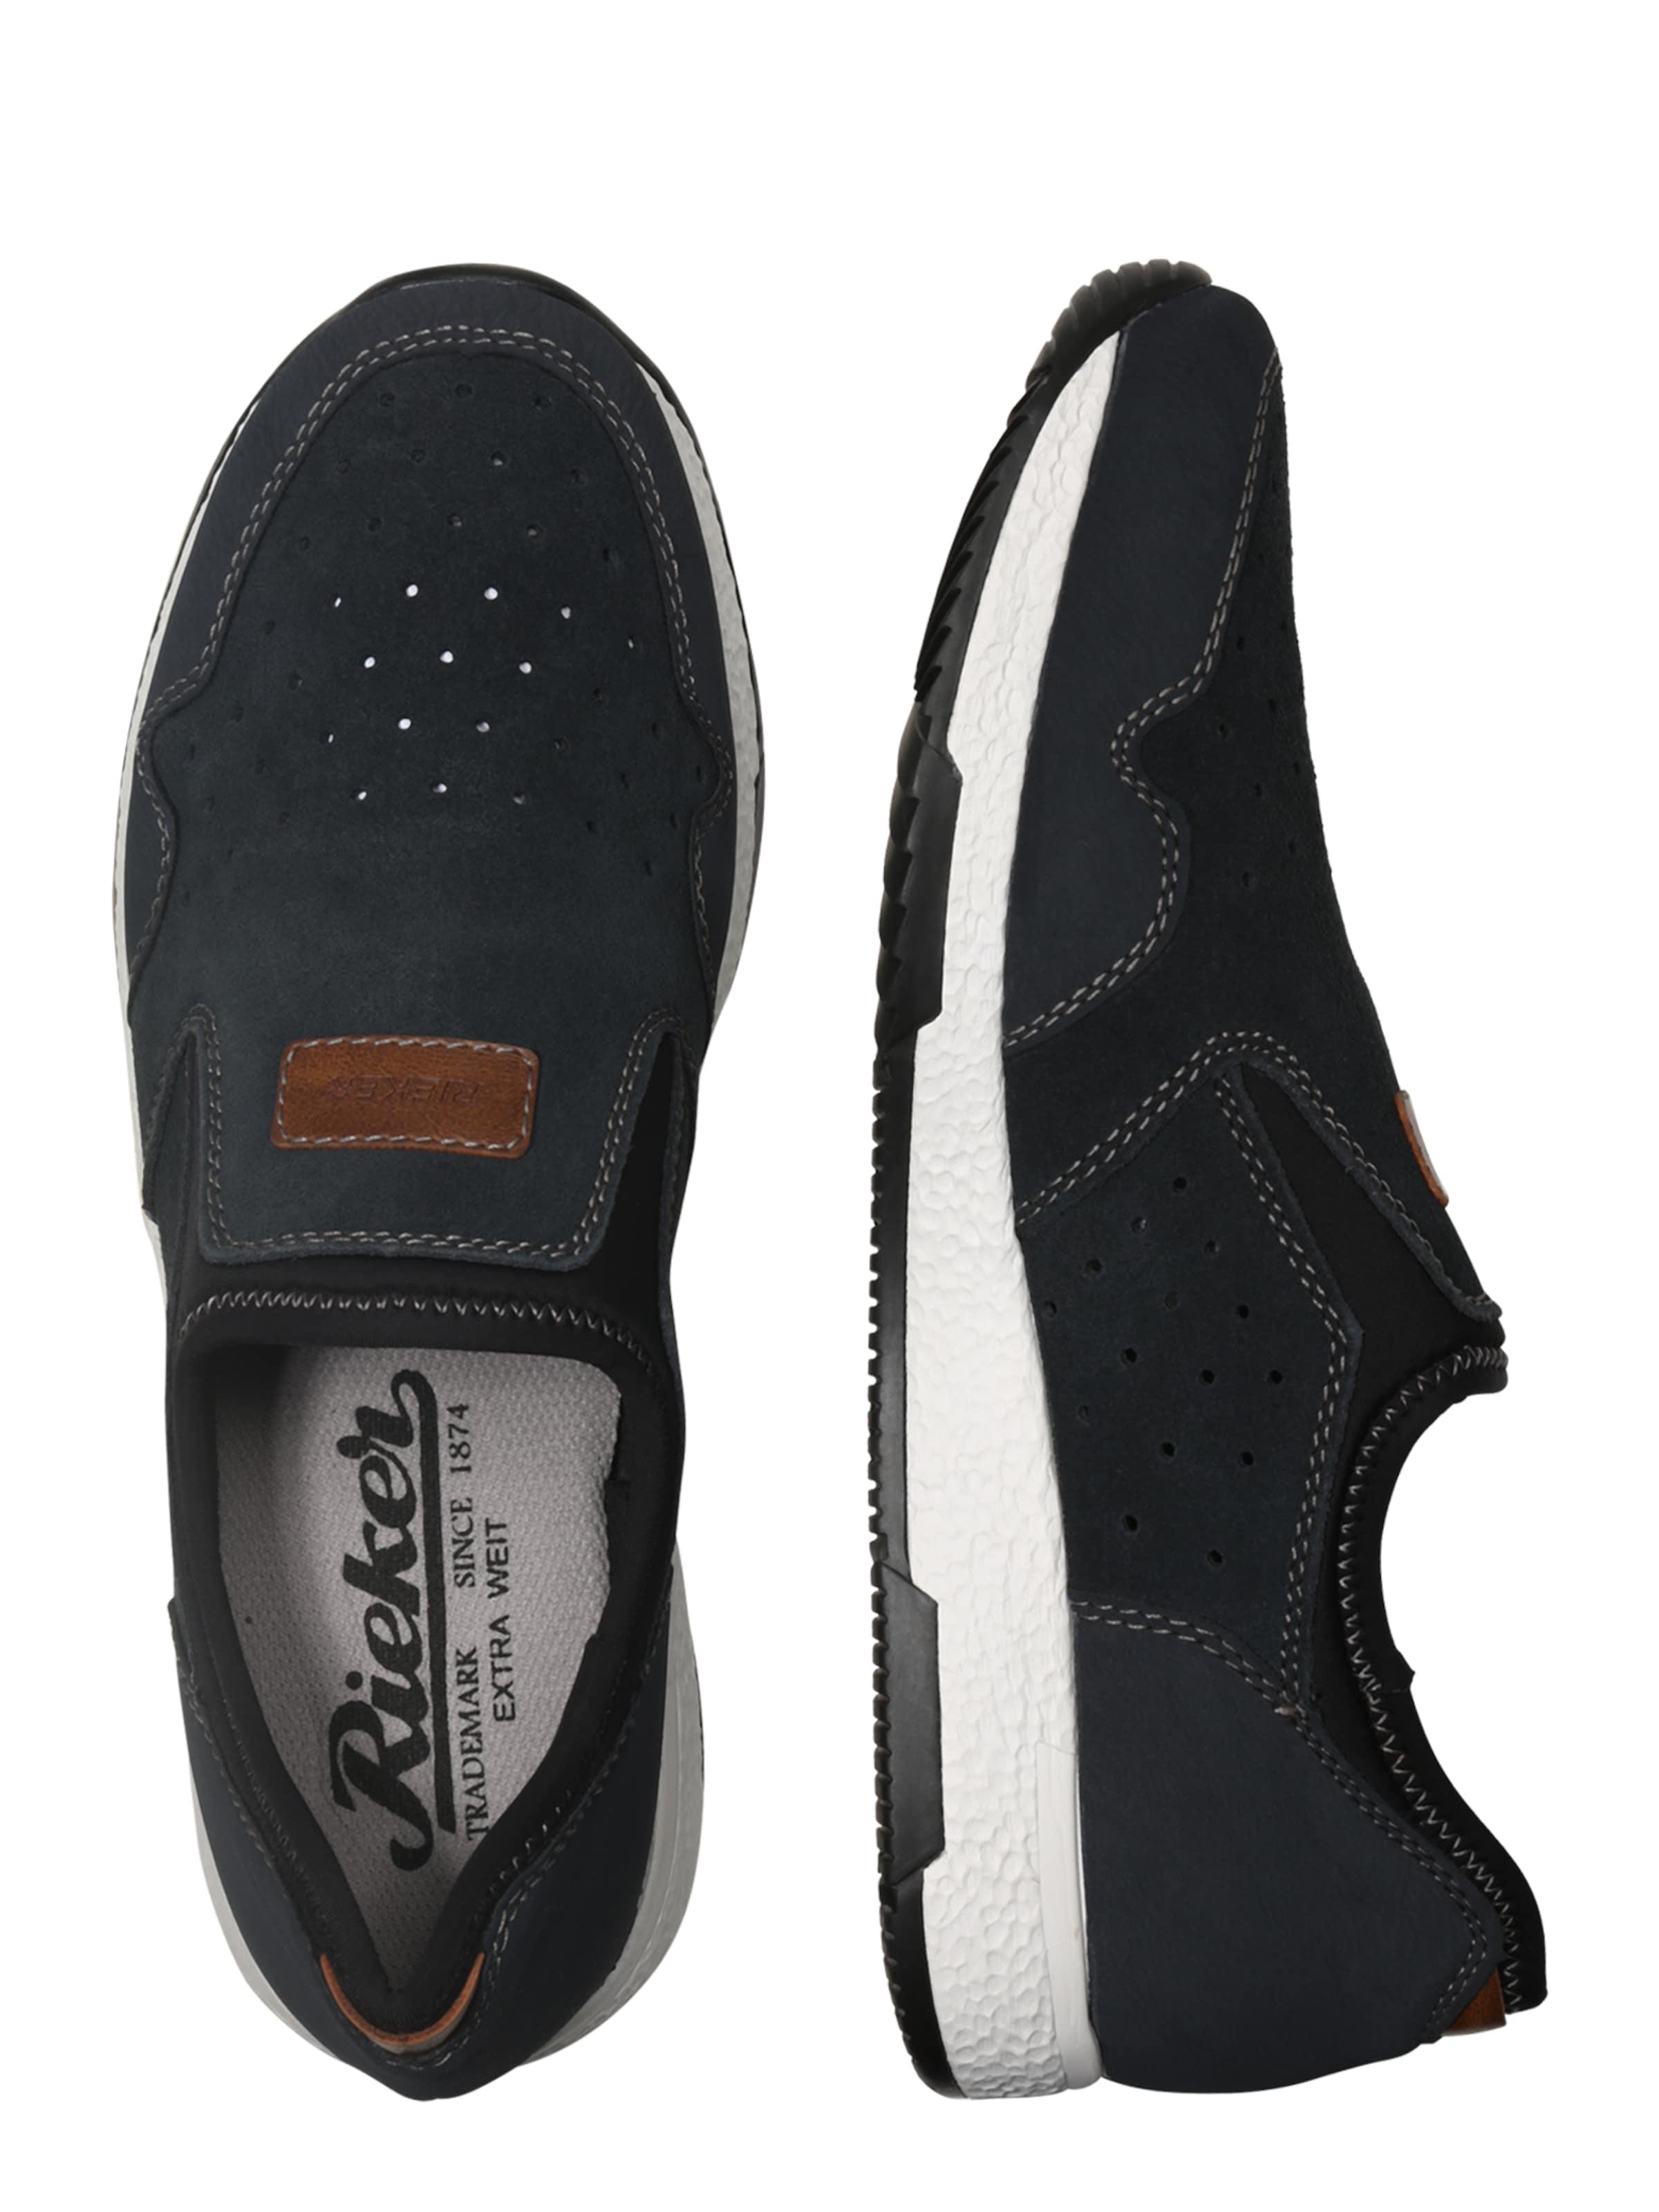 BraunSchwarz Sneaker Rieker Sneaker Weiß In Weiß In In Rieker BraunSchwarz Rieker BraunSchwarz Sneaker nwkXOPN80Z